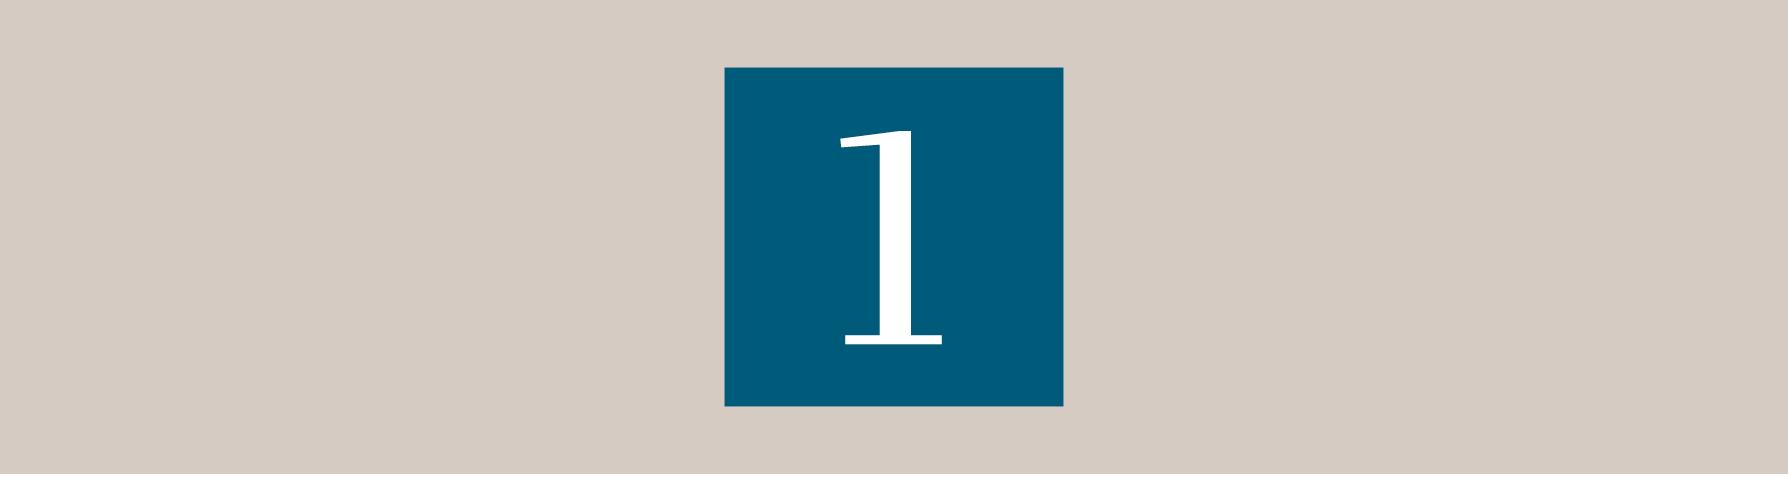 module 1 - clients